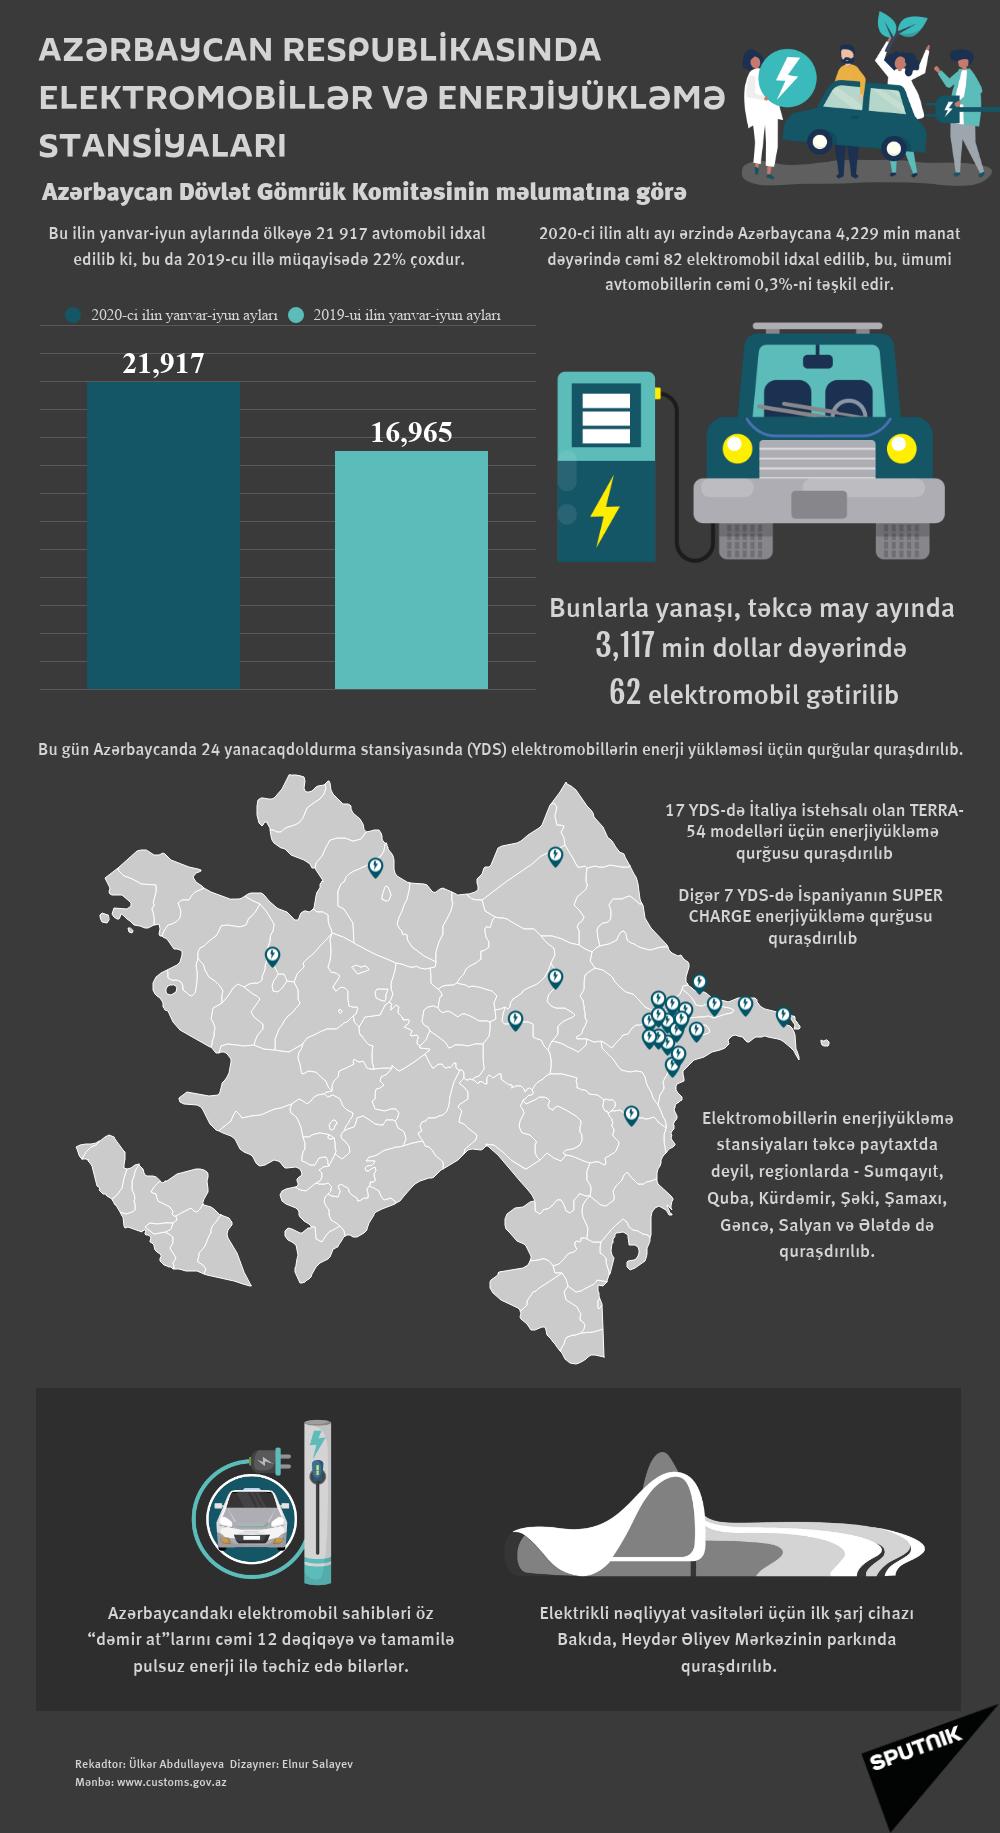 İnfoqrafika: Elektromobillər və enerjitoplama stansiyaları - Sputnik Azərbaycan